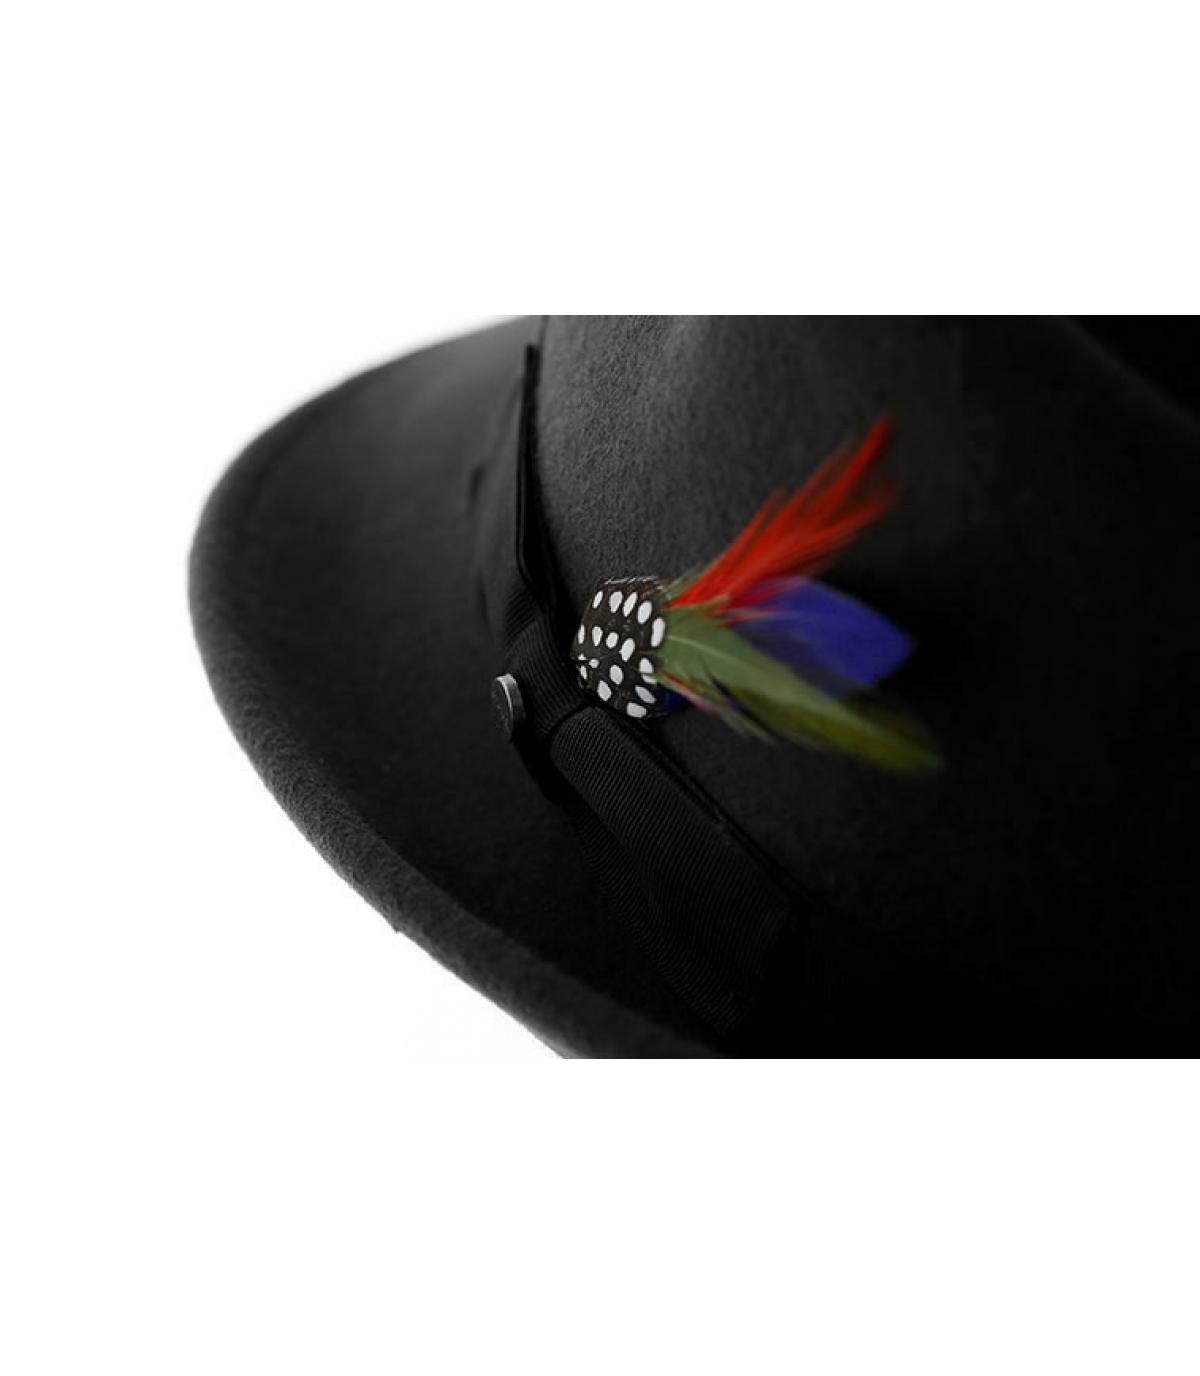 Details Elkader schwarz - Abbildung 2